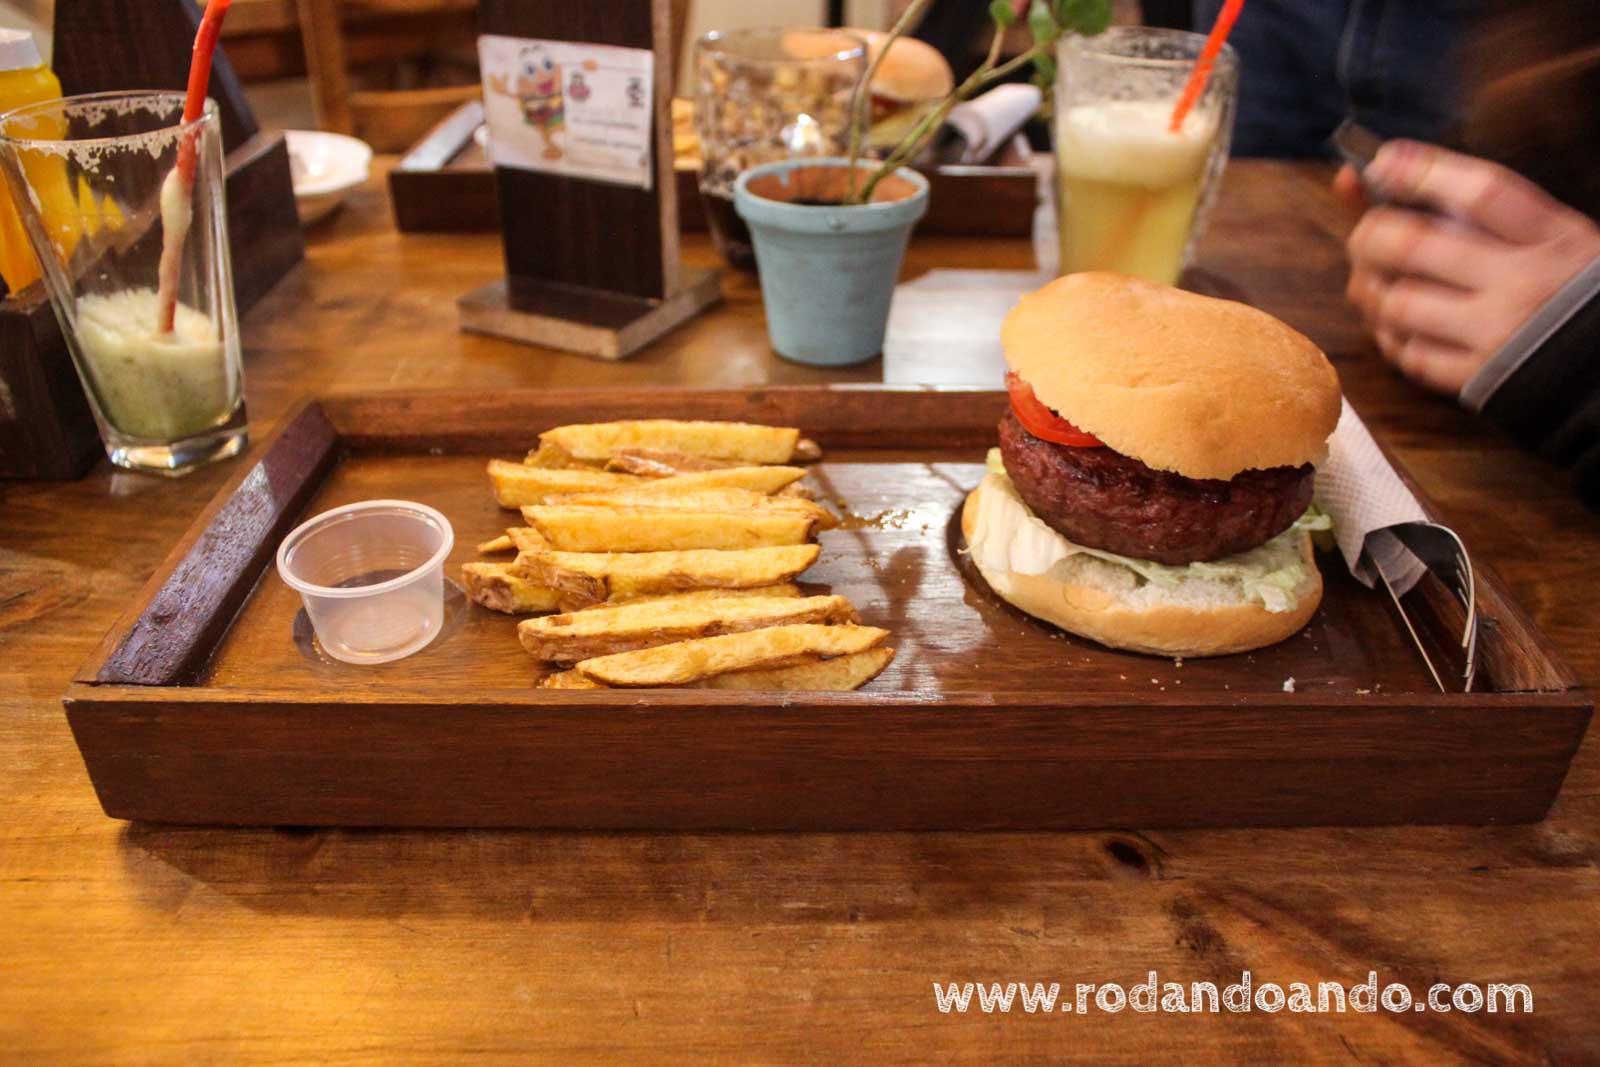 Italian Burger, una gran hamburguesa de 200 gr de Carne rellena con Mozzarella, Jamón ahumado y Albahaca.